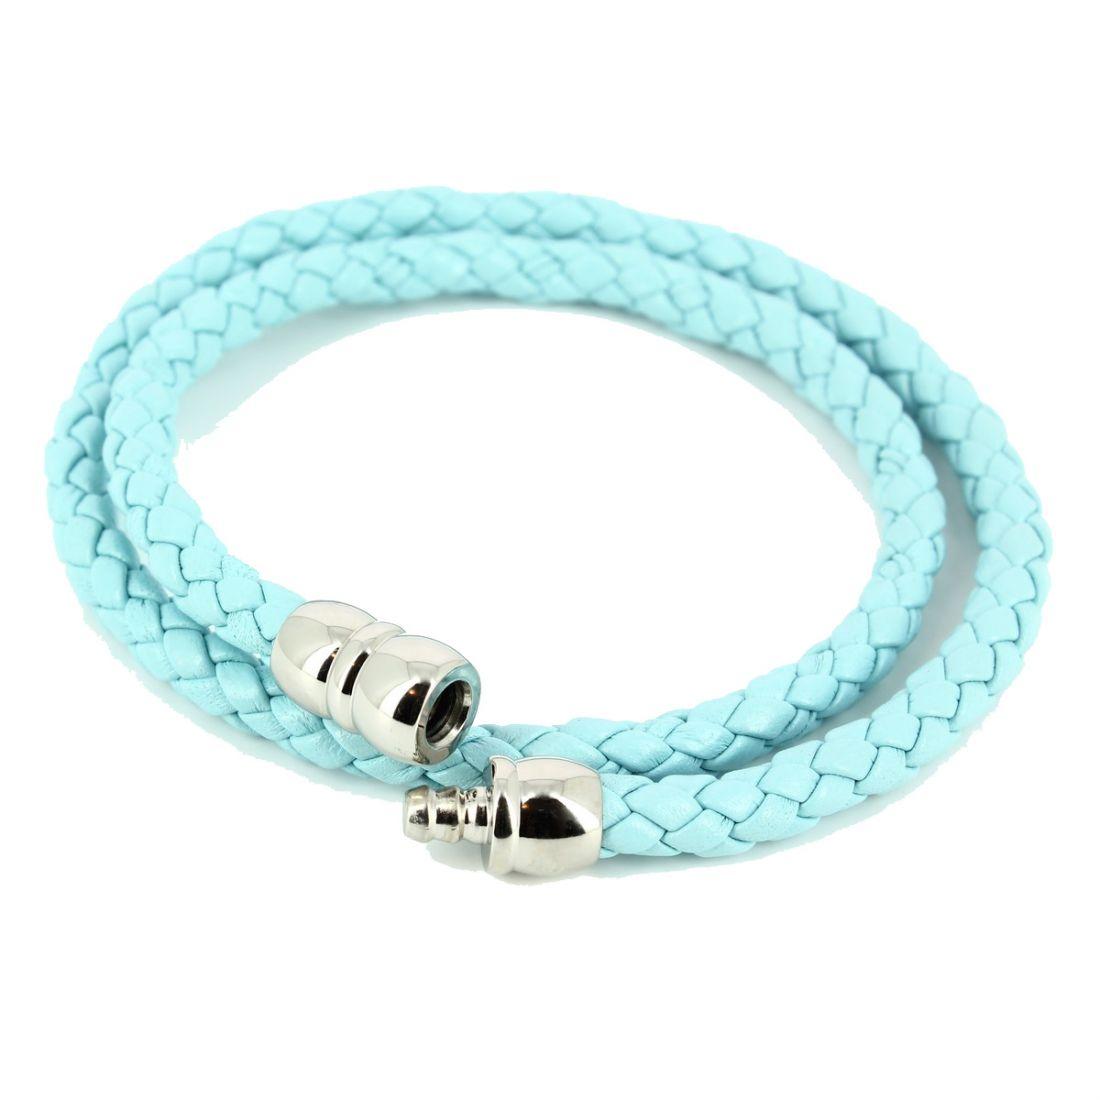 bracelet summer homme monart bleu ciel cravate. Black Bedroom Furniture Sets. Home Design Ideas